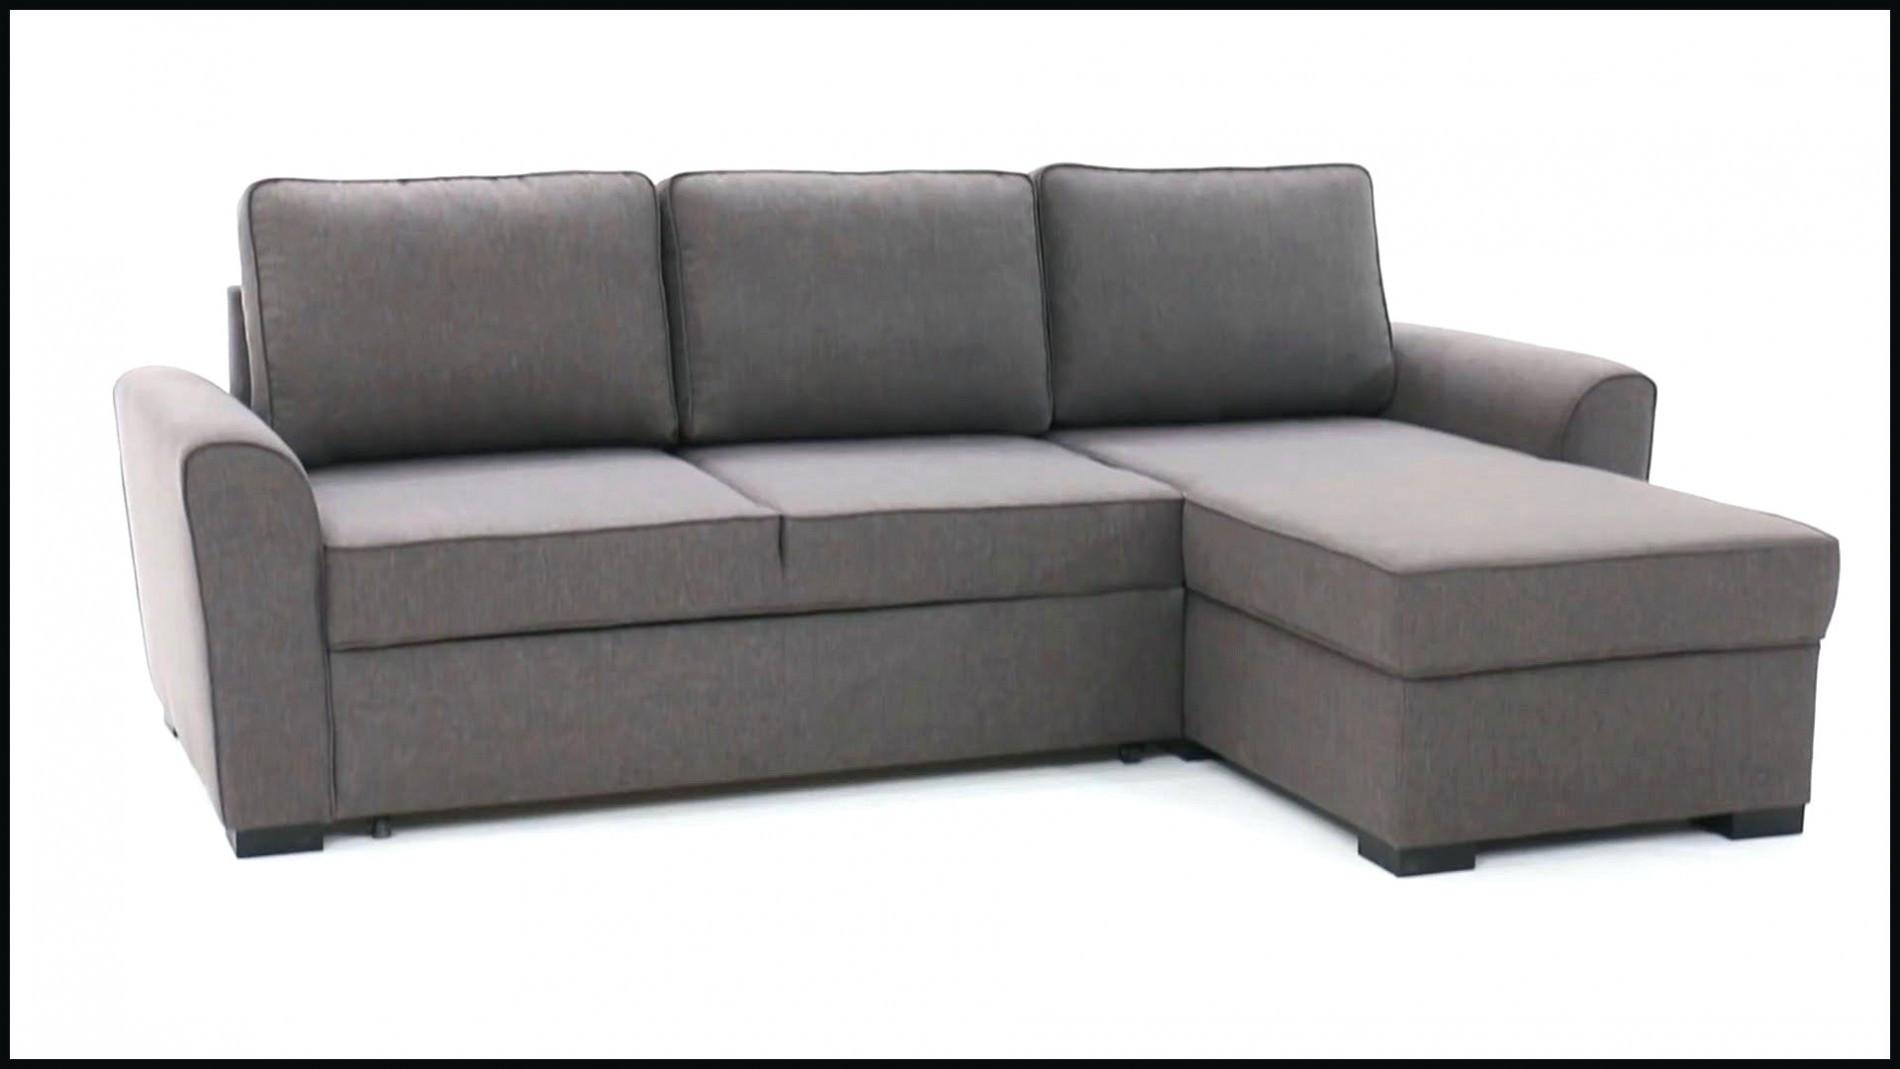 Housse Canapé Angle Ikea Impressionnant Stock La Charmant Choisir Un Canapé Conception  Perfectionner La G Te